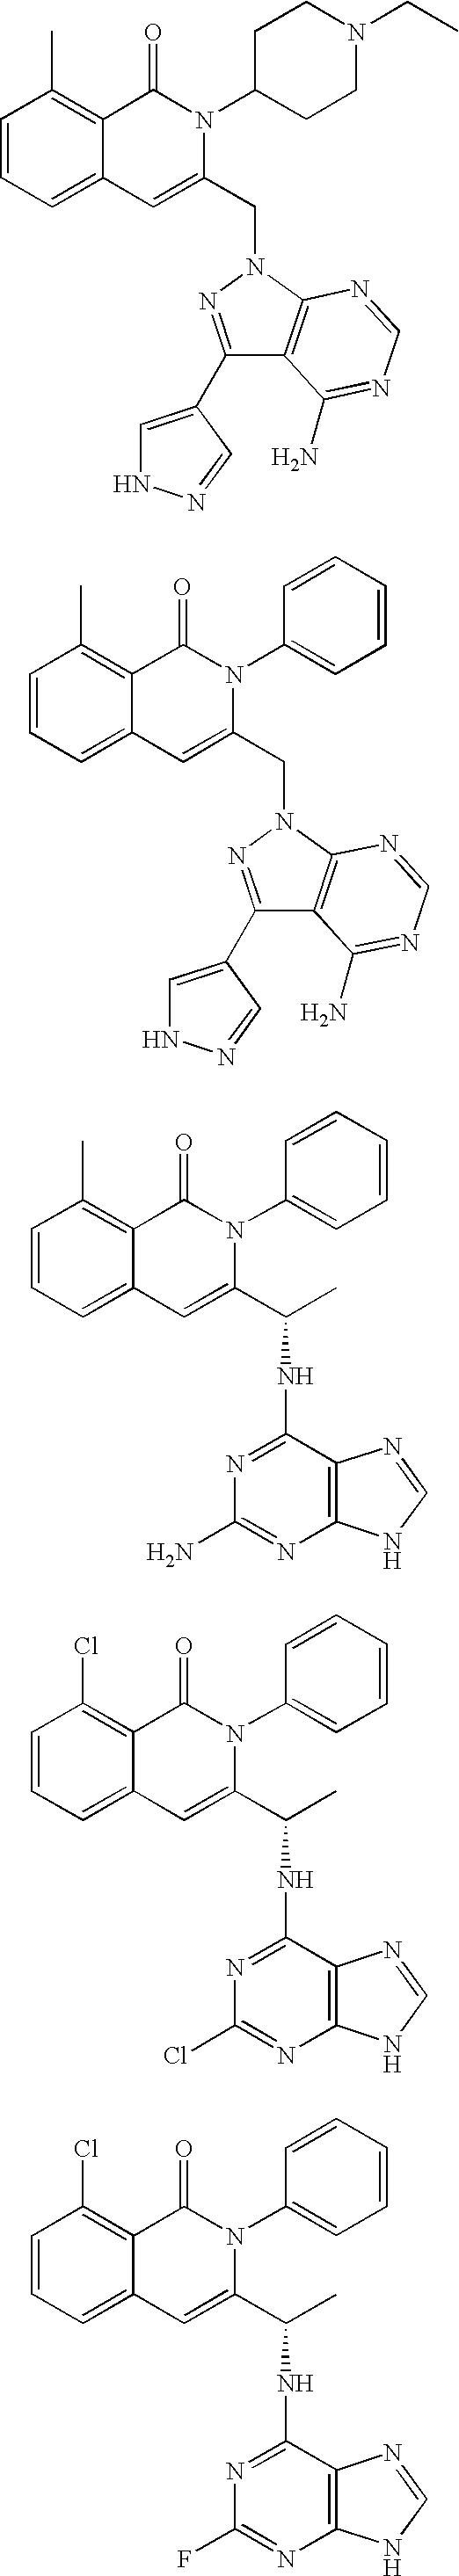 Figure US20090312319A1-20091217-C00277